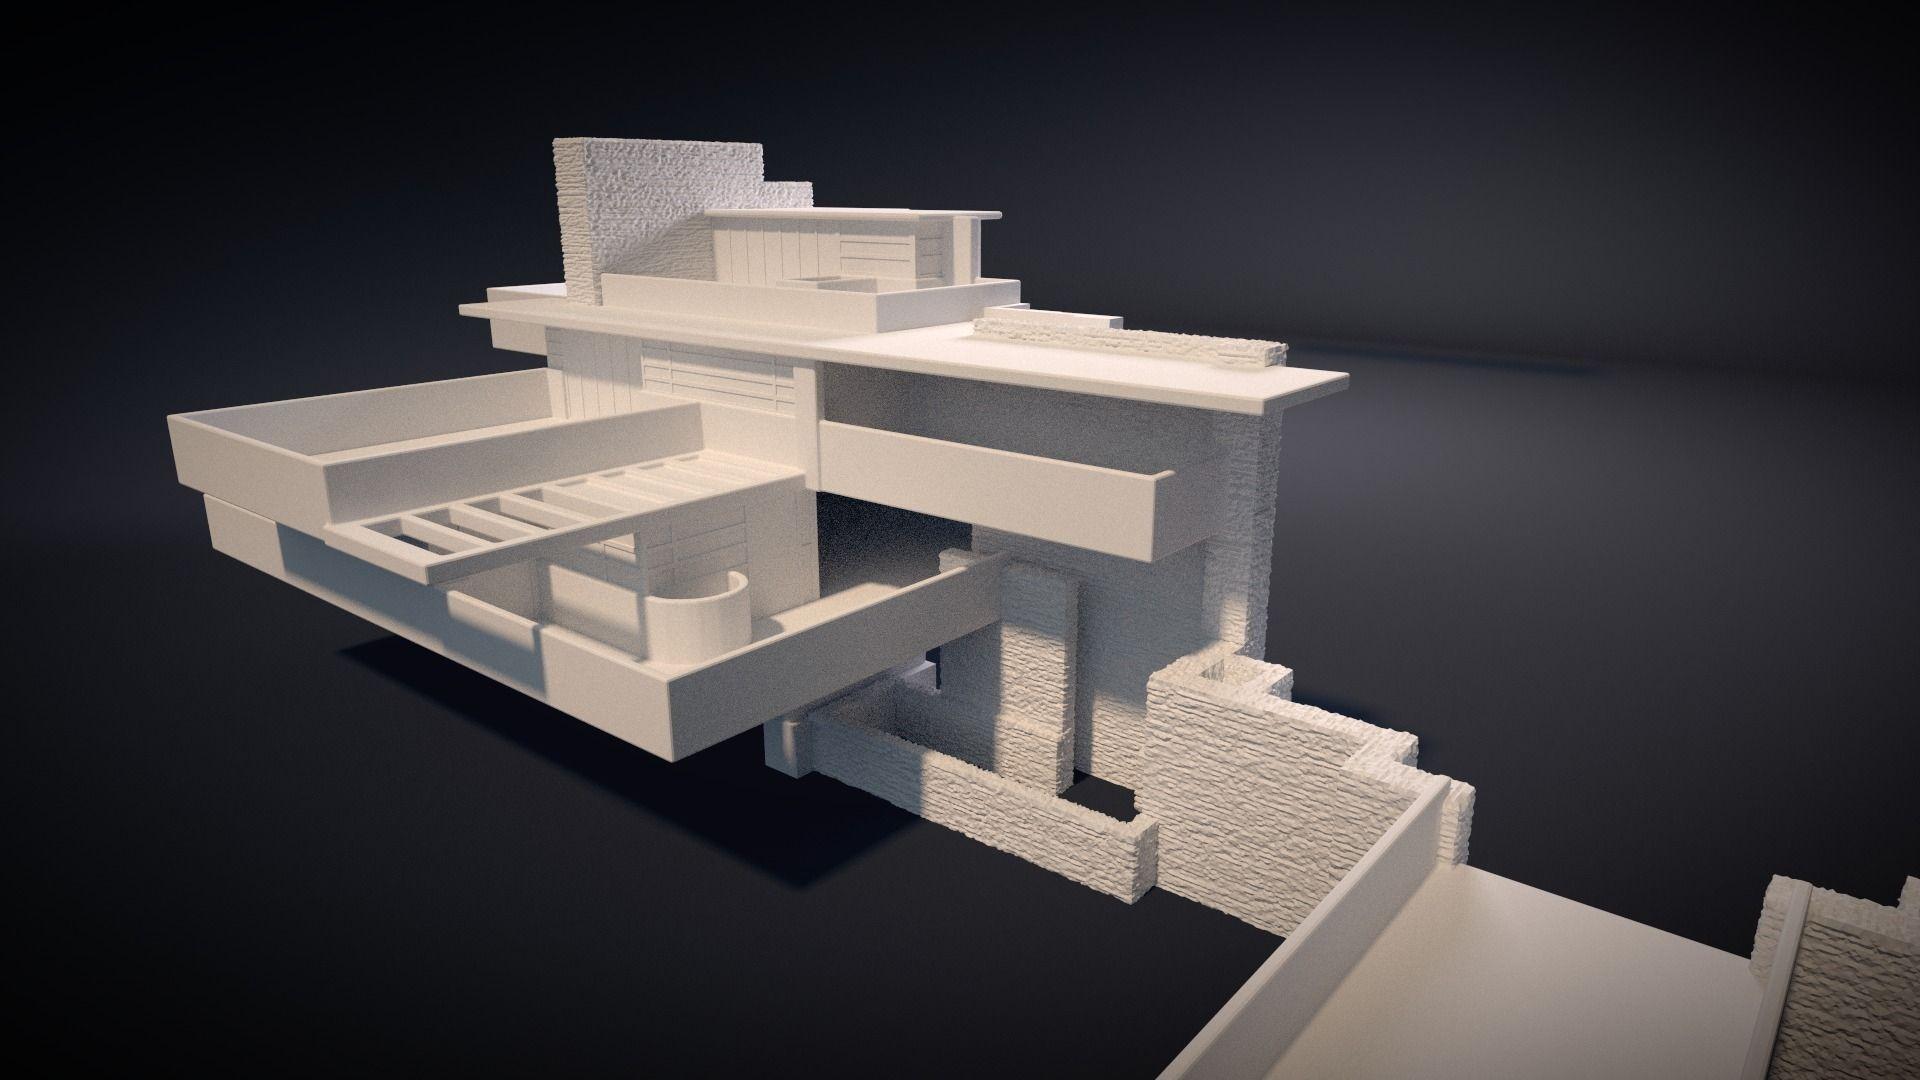 Fallingwater house 3d printable 3d model 3d printable for 3d house model